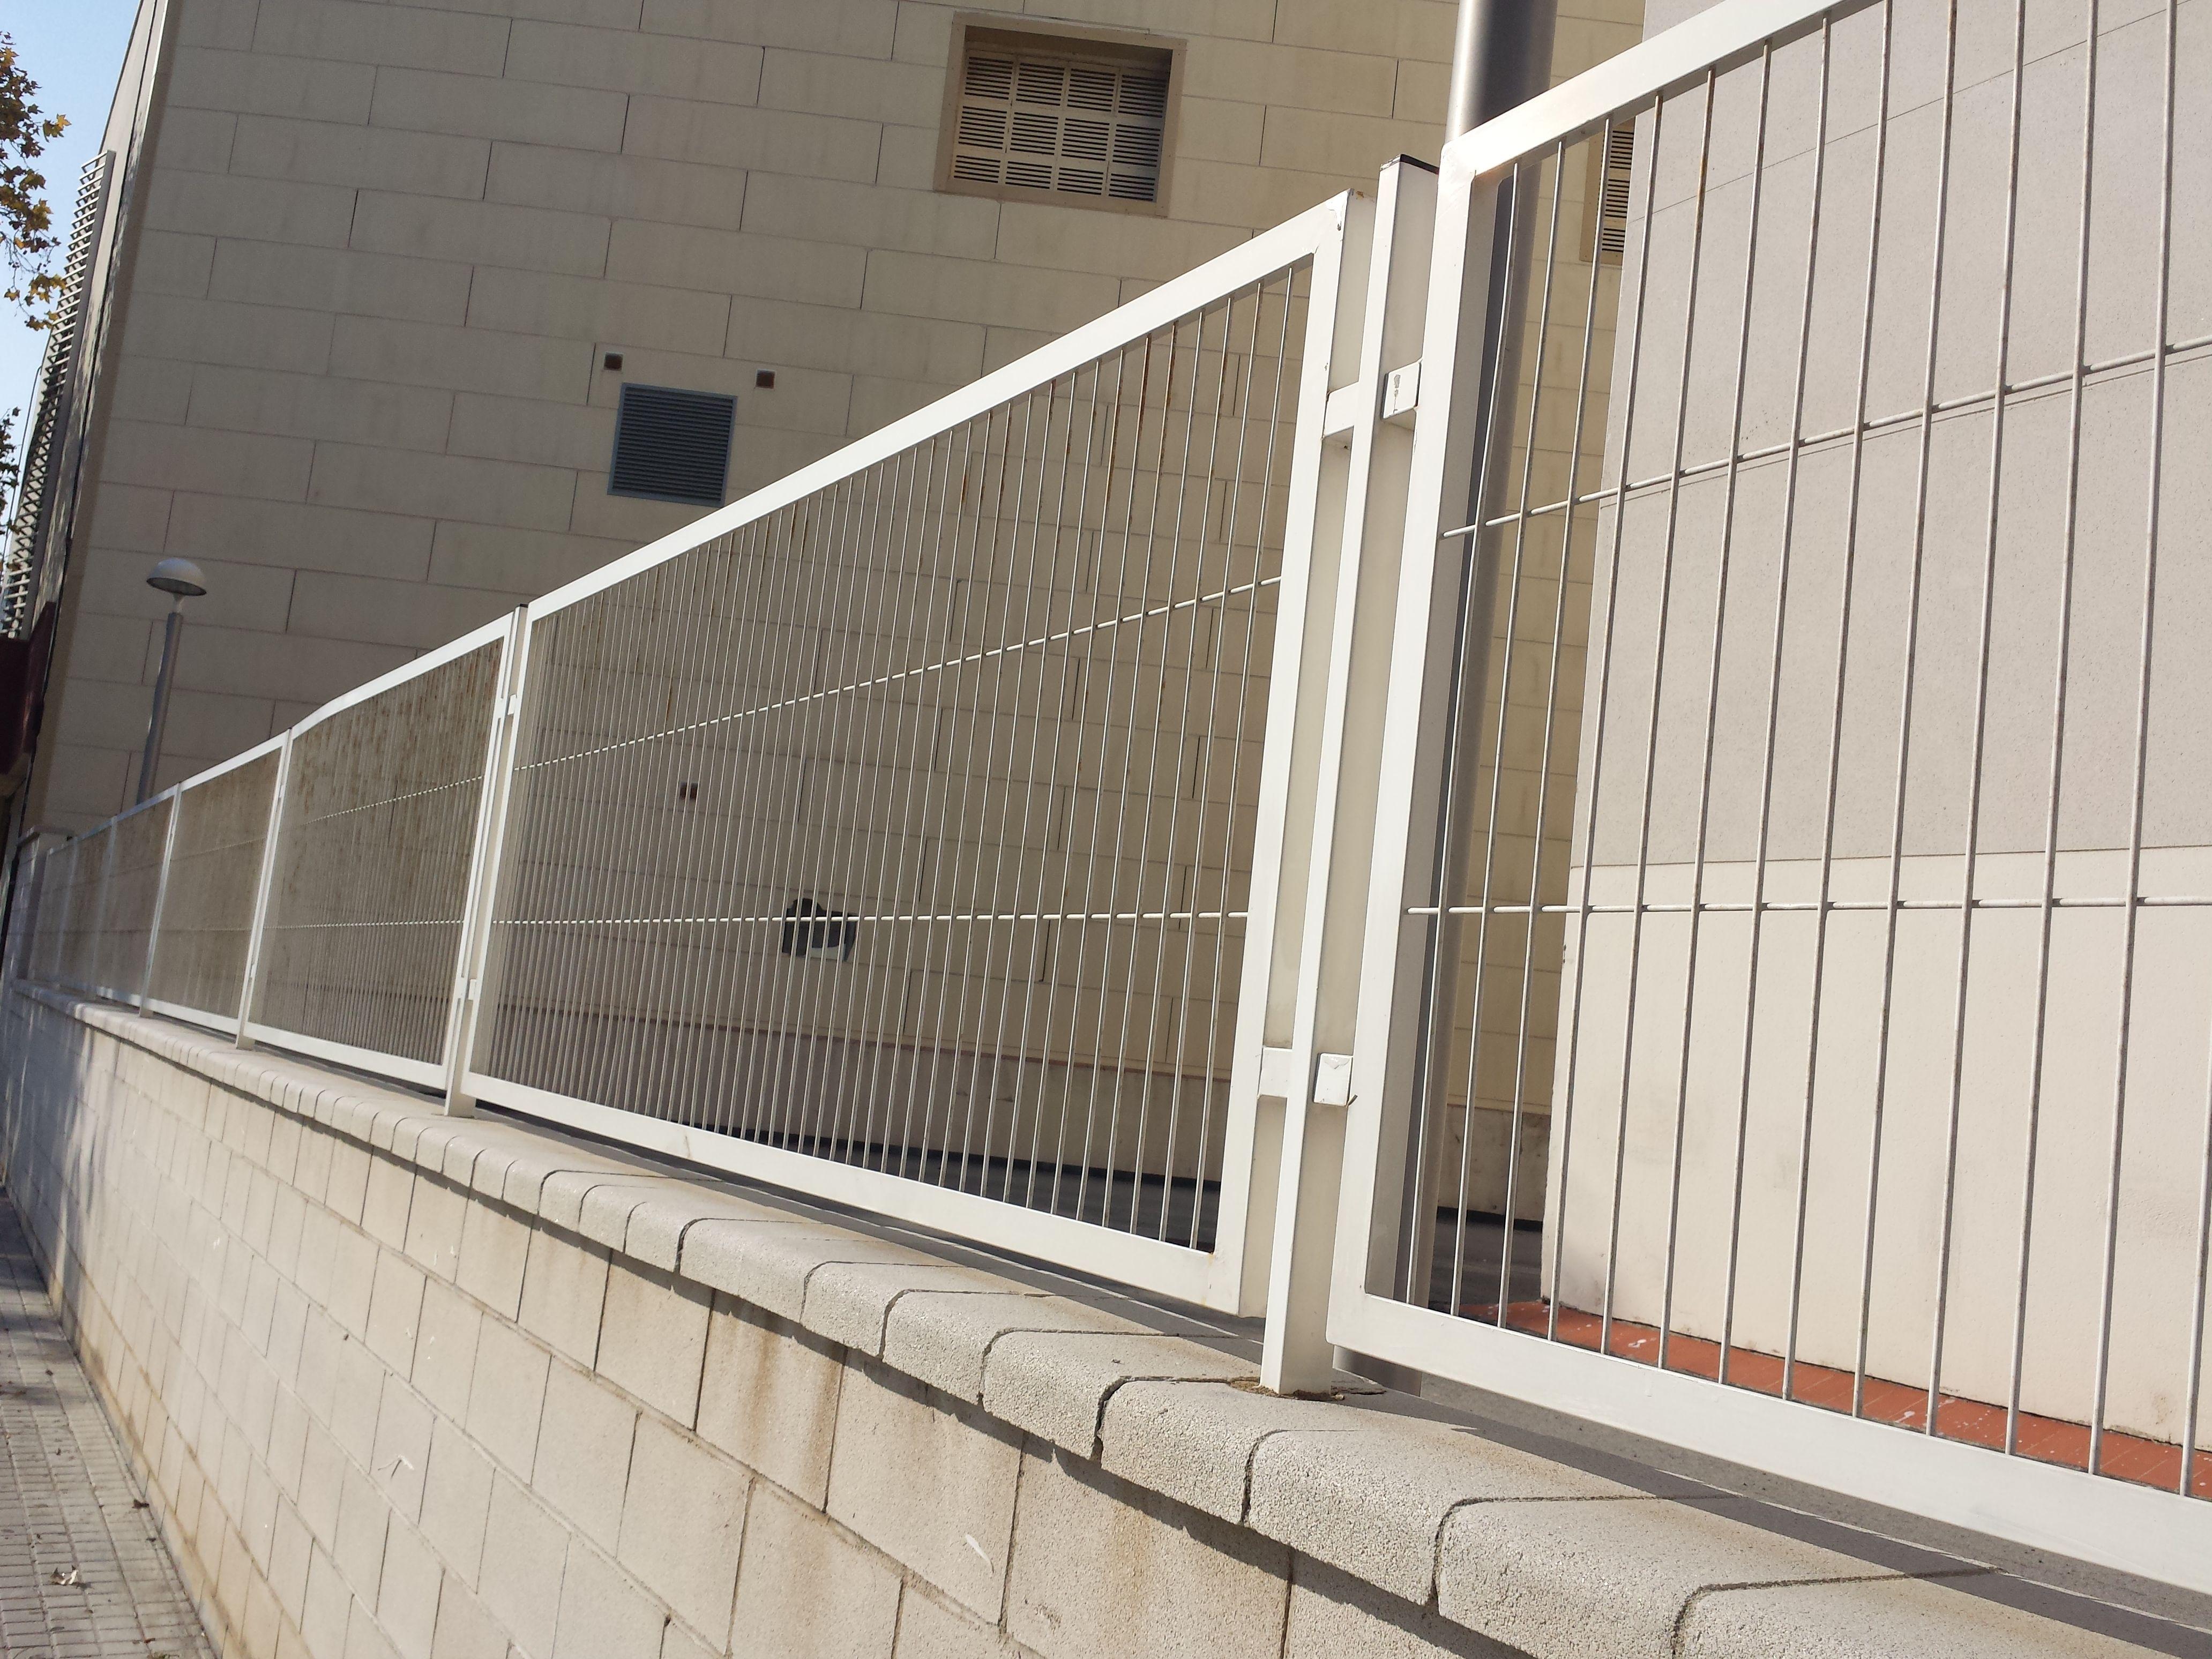 Verja enmarcada de mallazo electrosoldado varillas electrosoldadas con marco verjas pinterest - Vallas de acero inoxidable ...